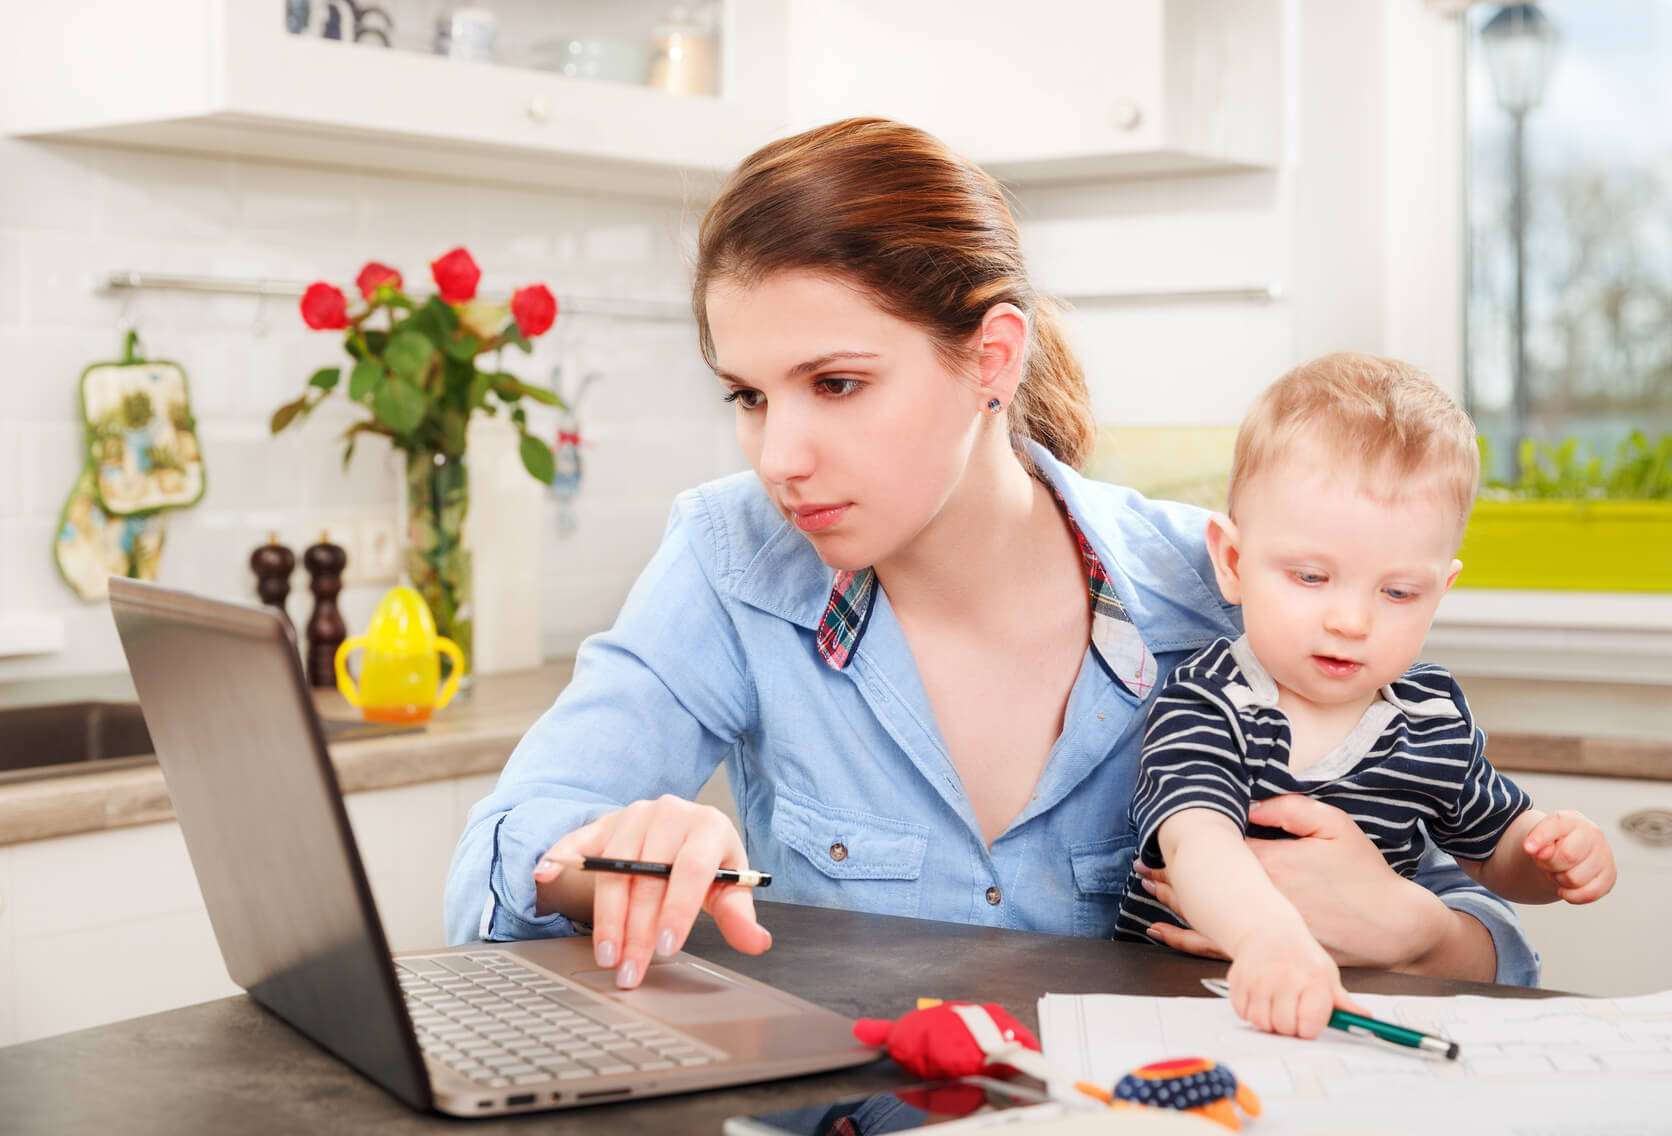 Способы заработка через интернет для мам в декрете (без пирамид и млм)